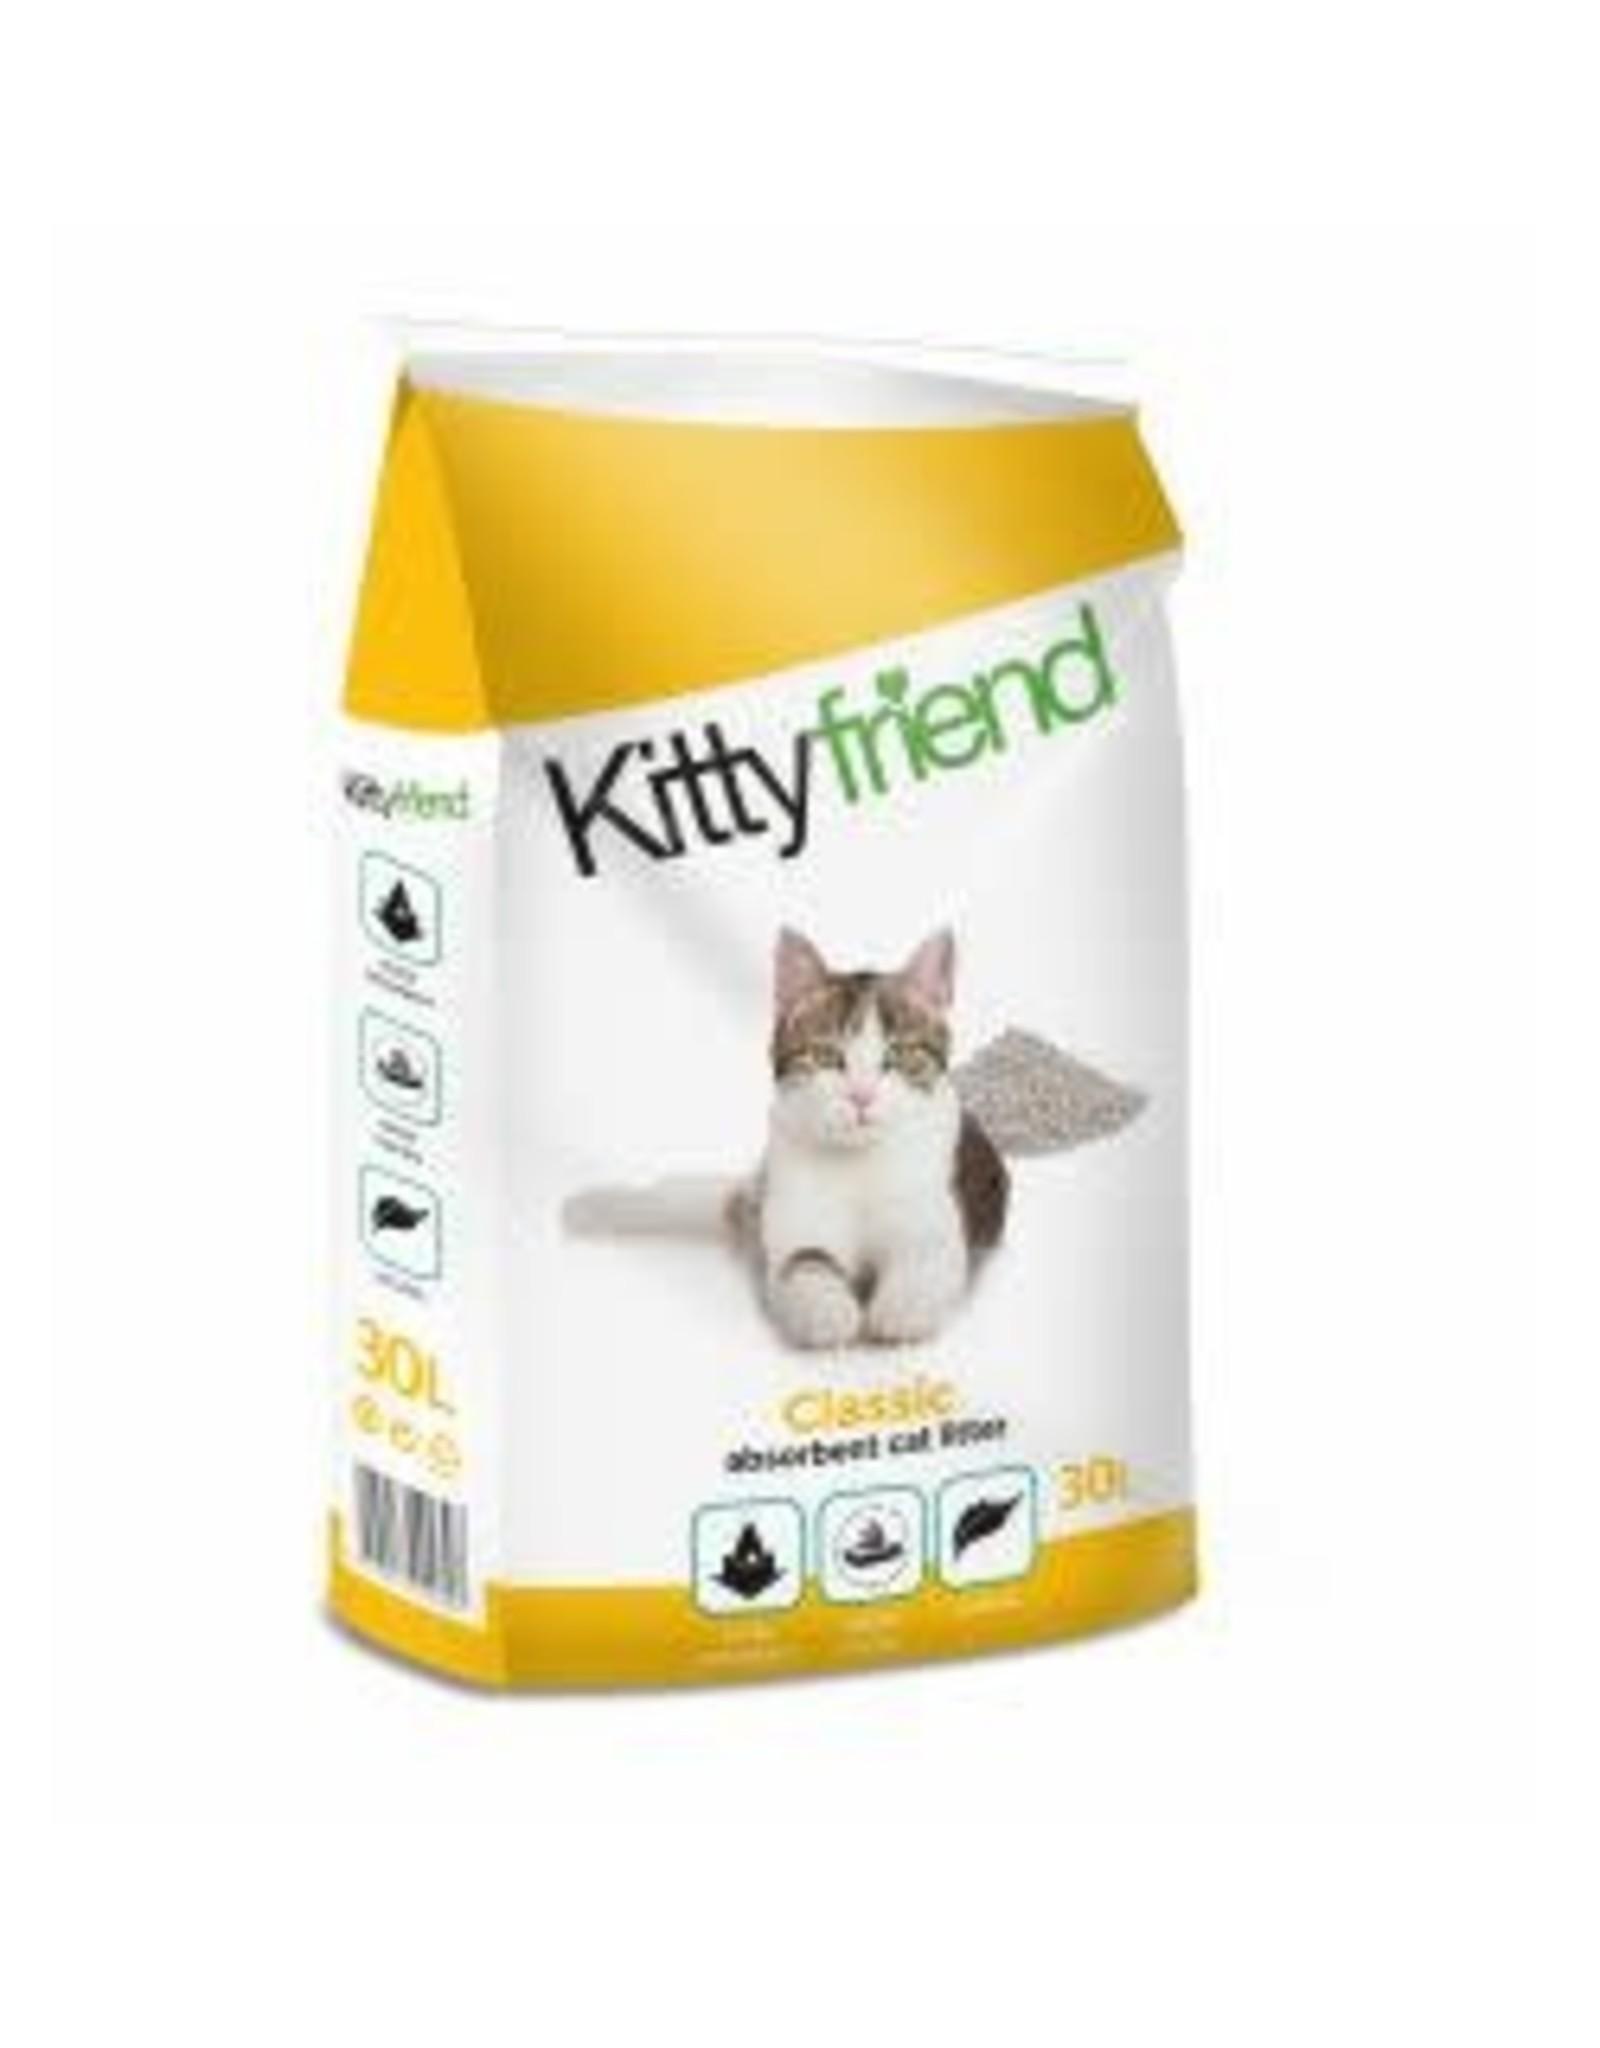 Sanicat Kitty Friend Classic Cat Litter 30L